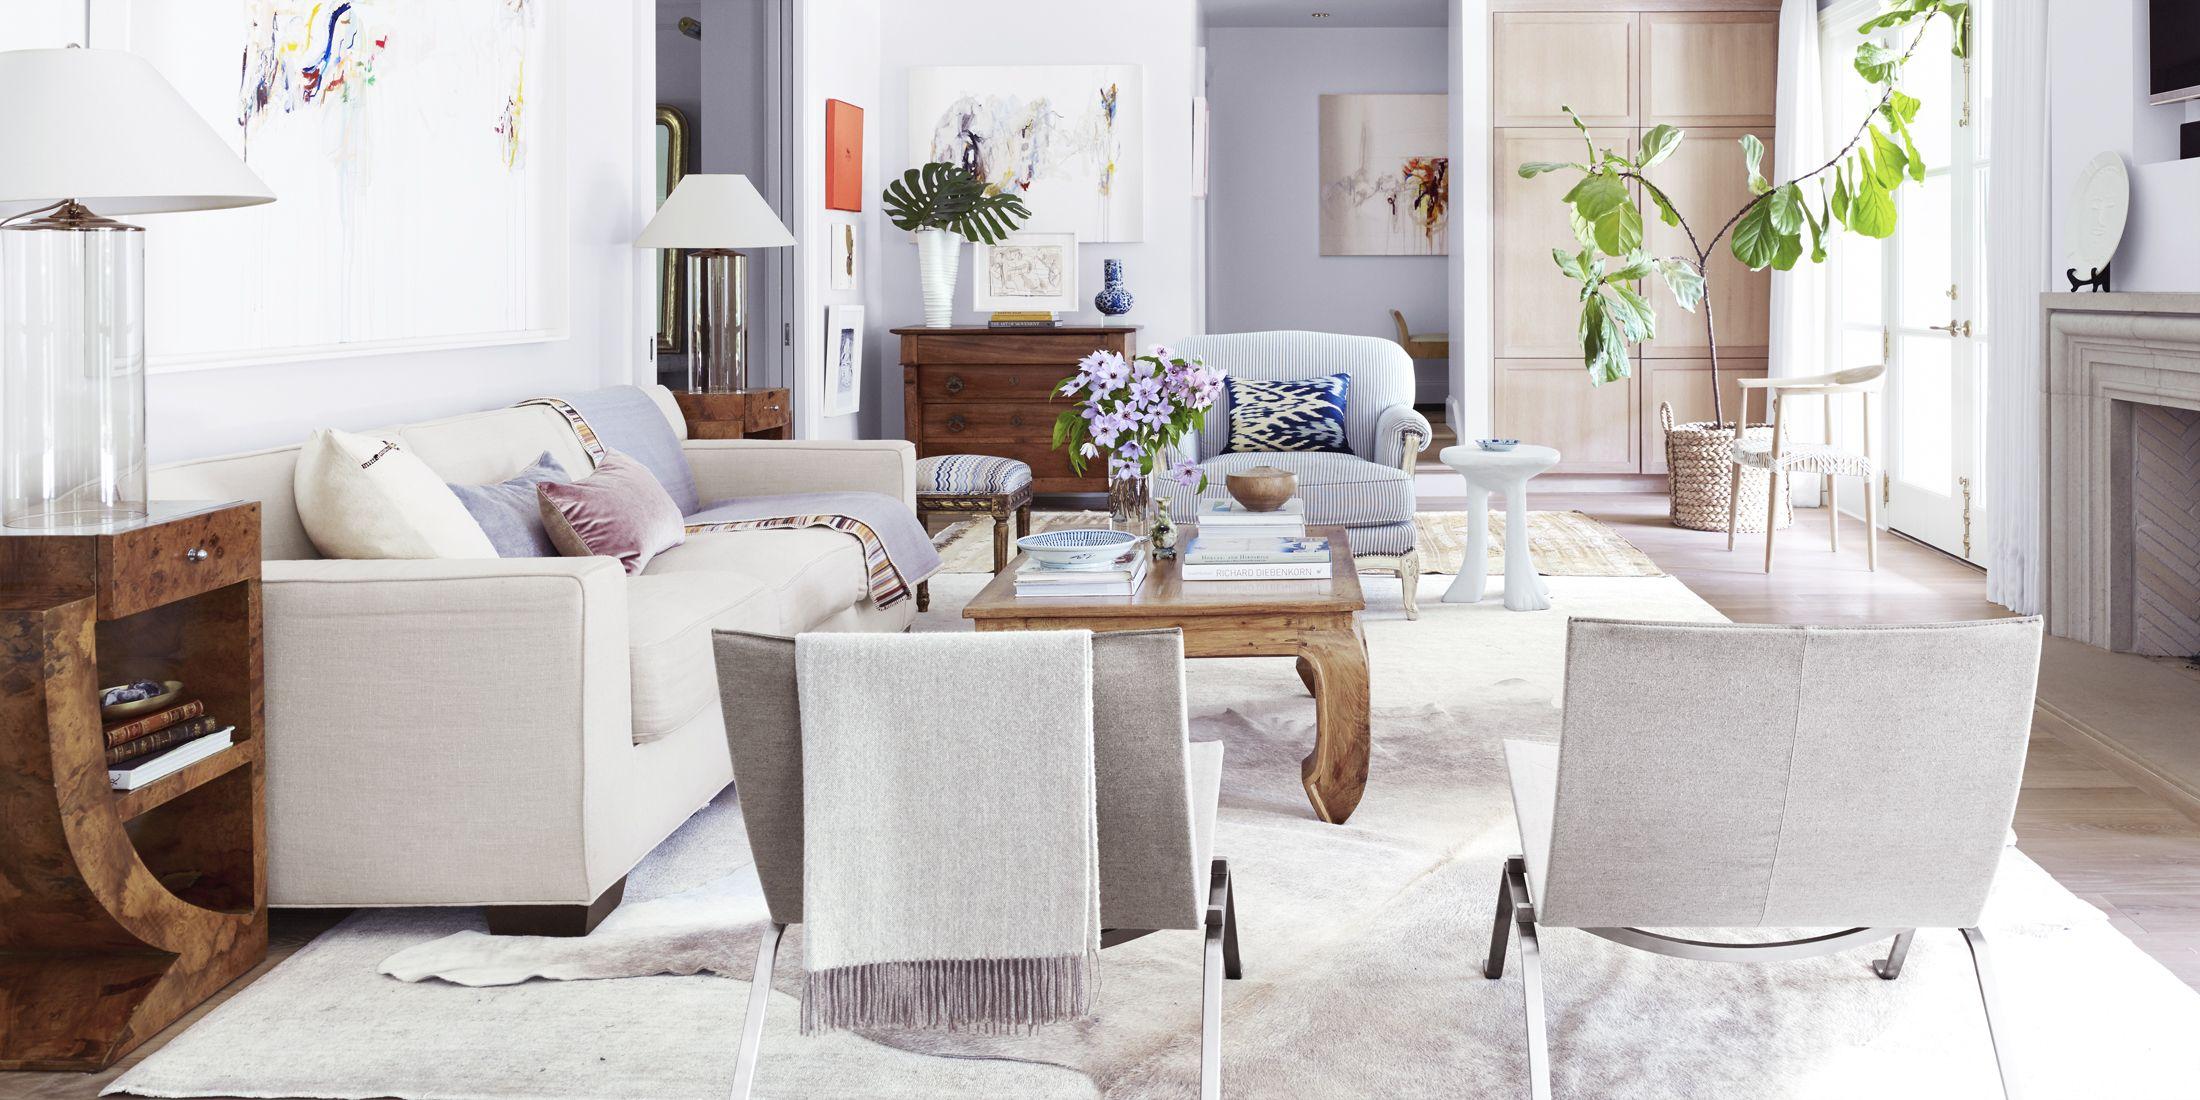 home interior designing room decor furniture interior design